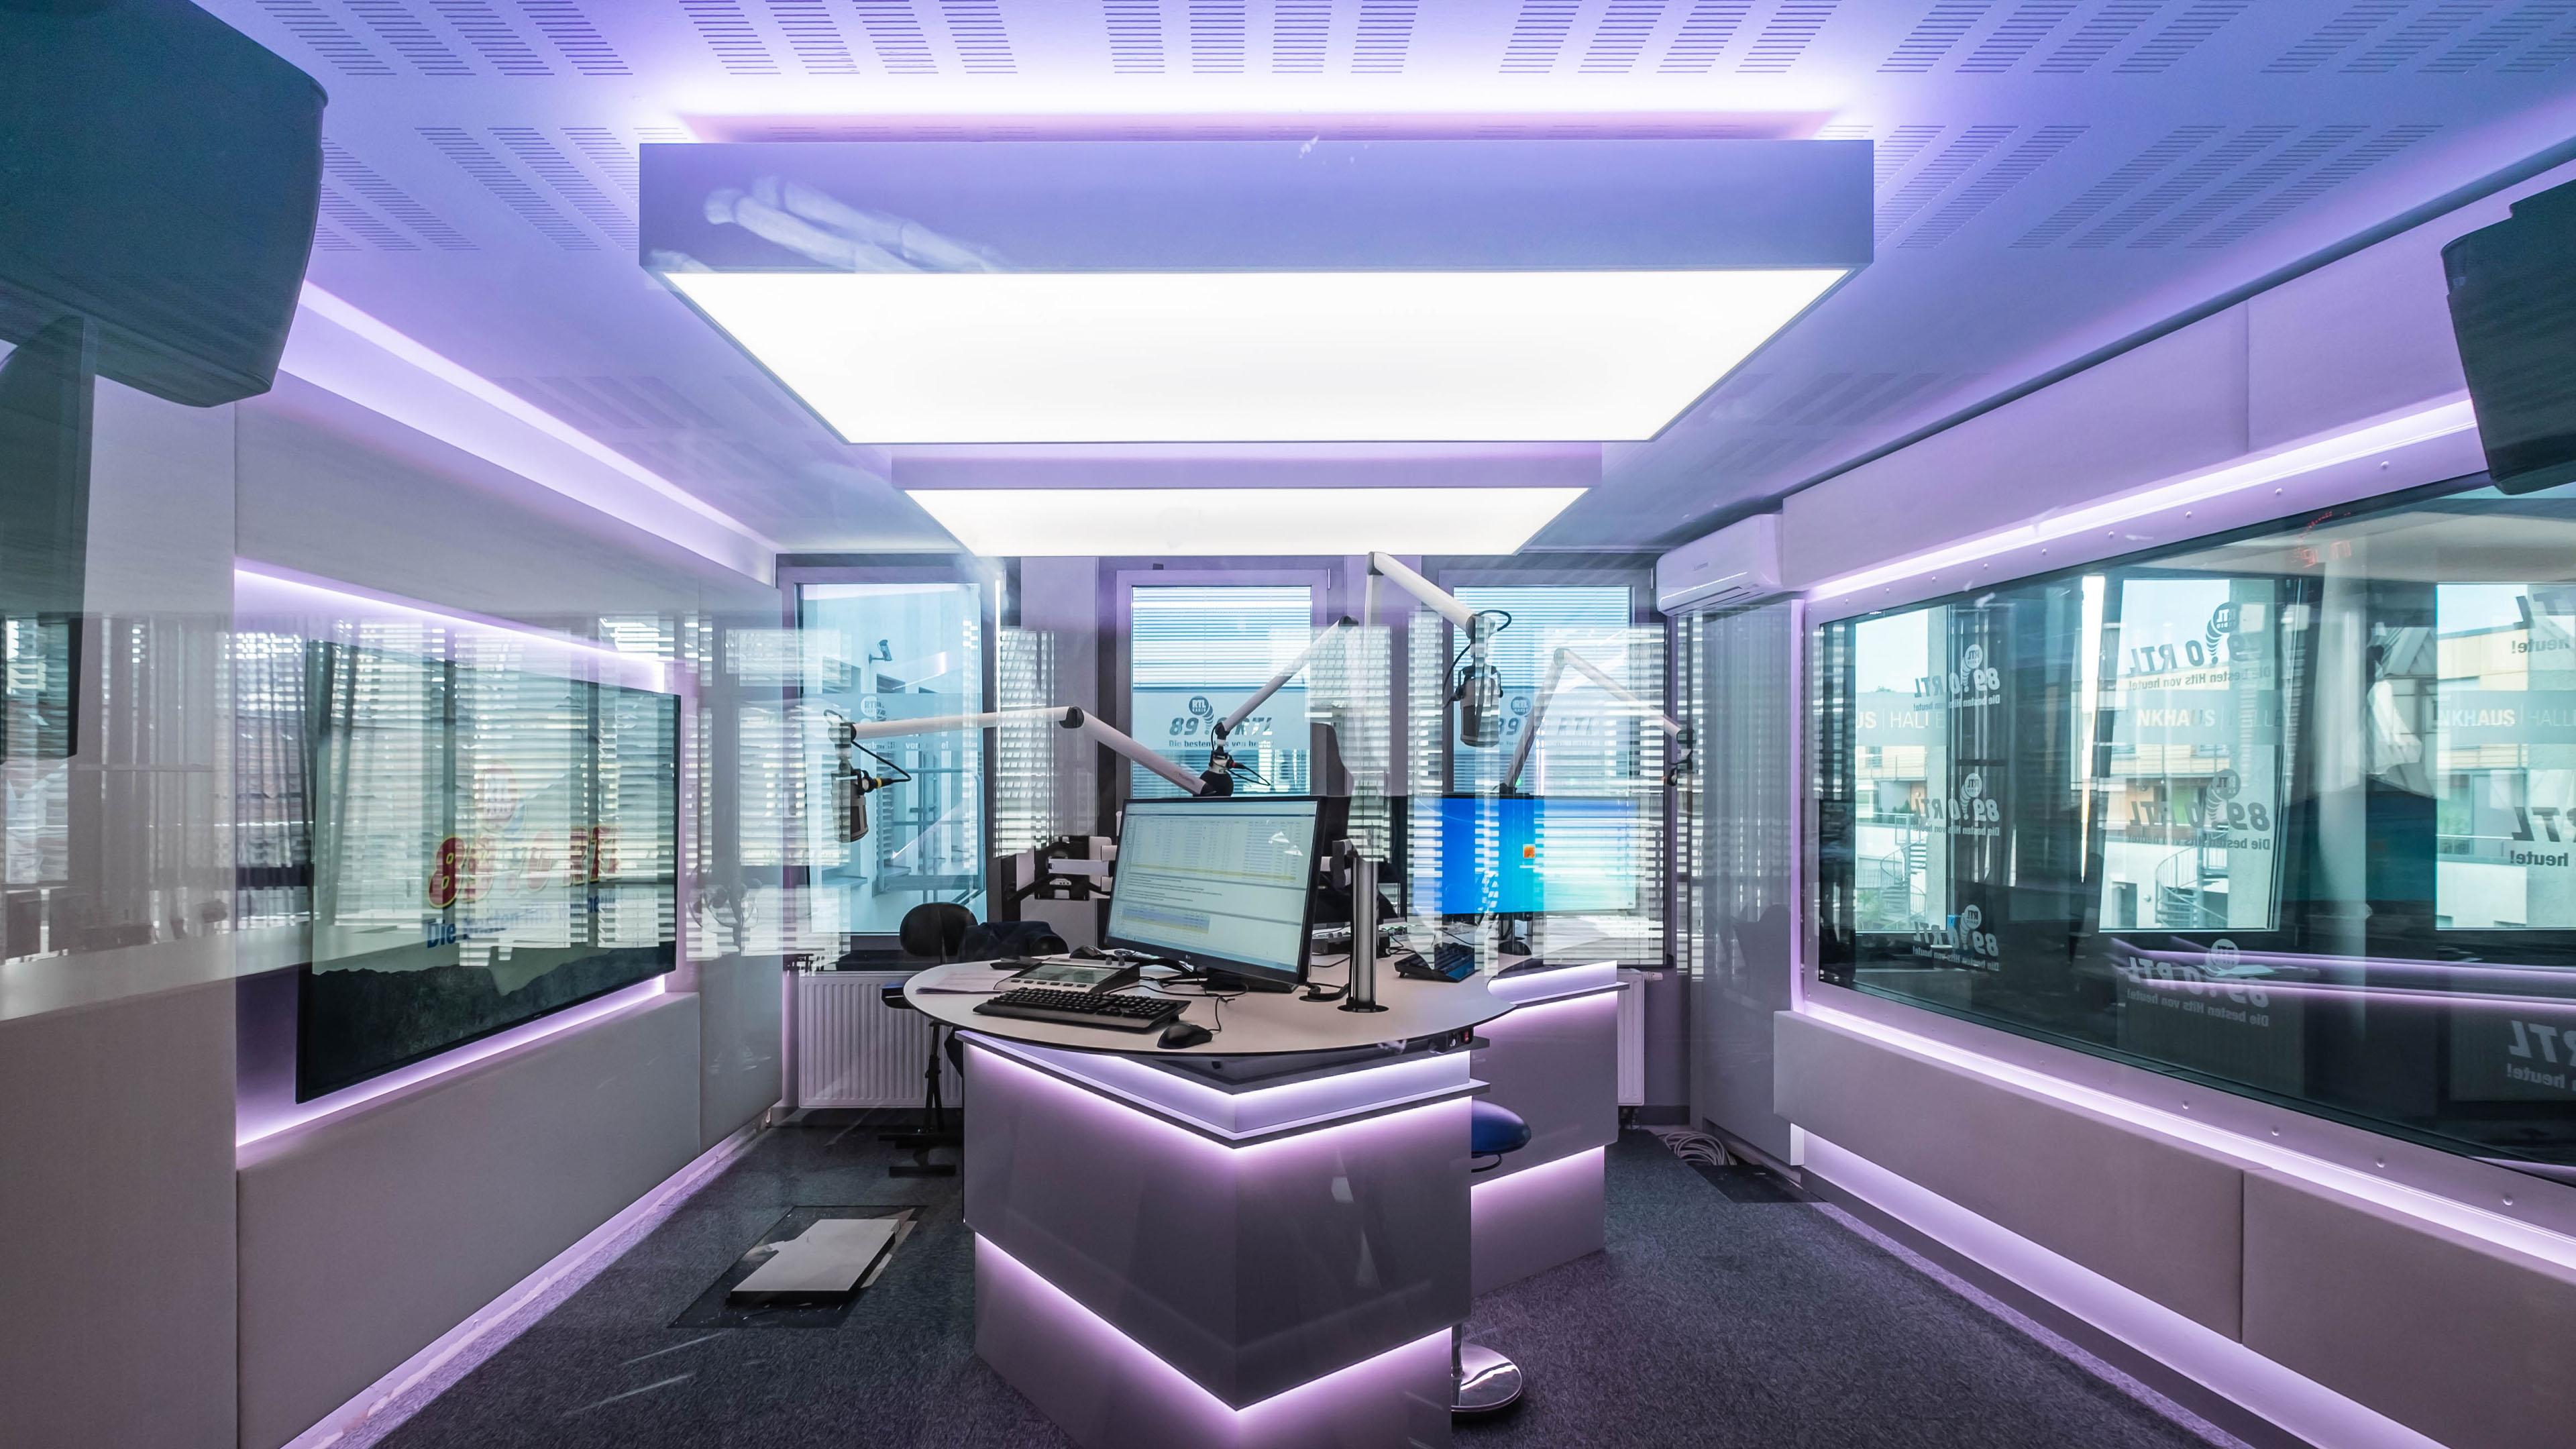 Studio Halle